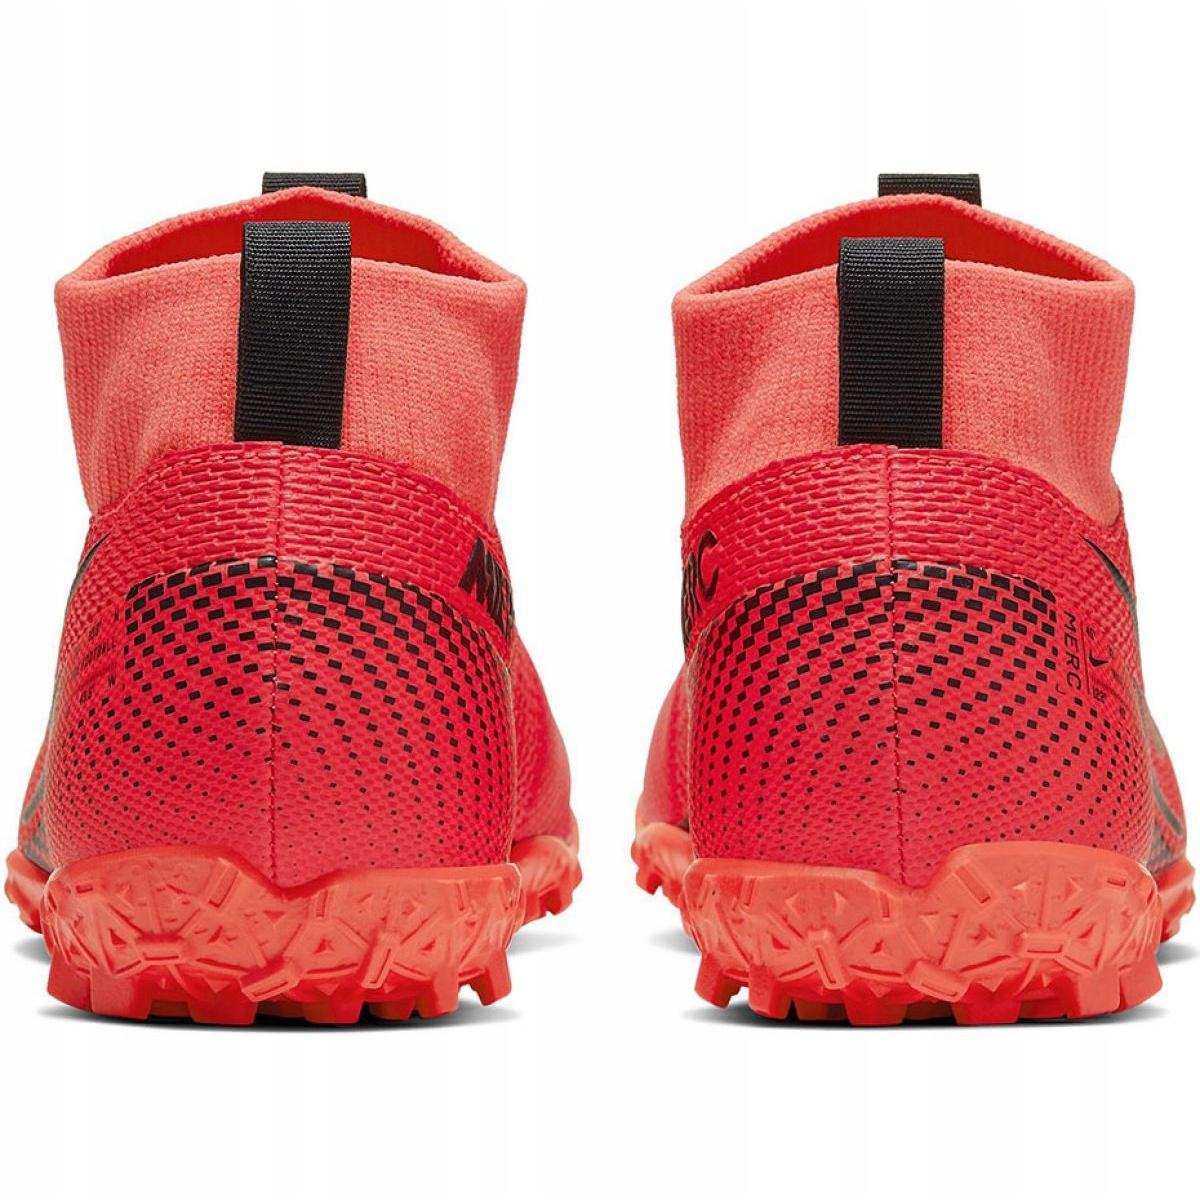 Scarpe-da-calcio-Nike-Mercurial-Superfly-7-Academy-Tf-M-AT7978-606-rosso-rosso miniatura 5